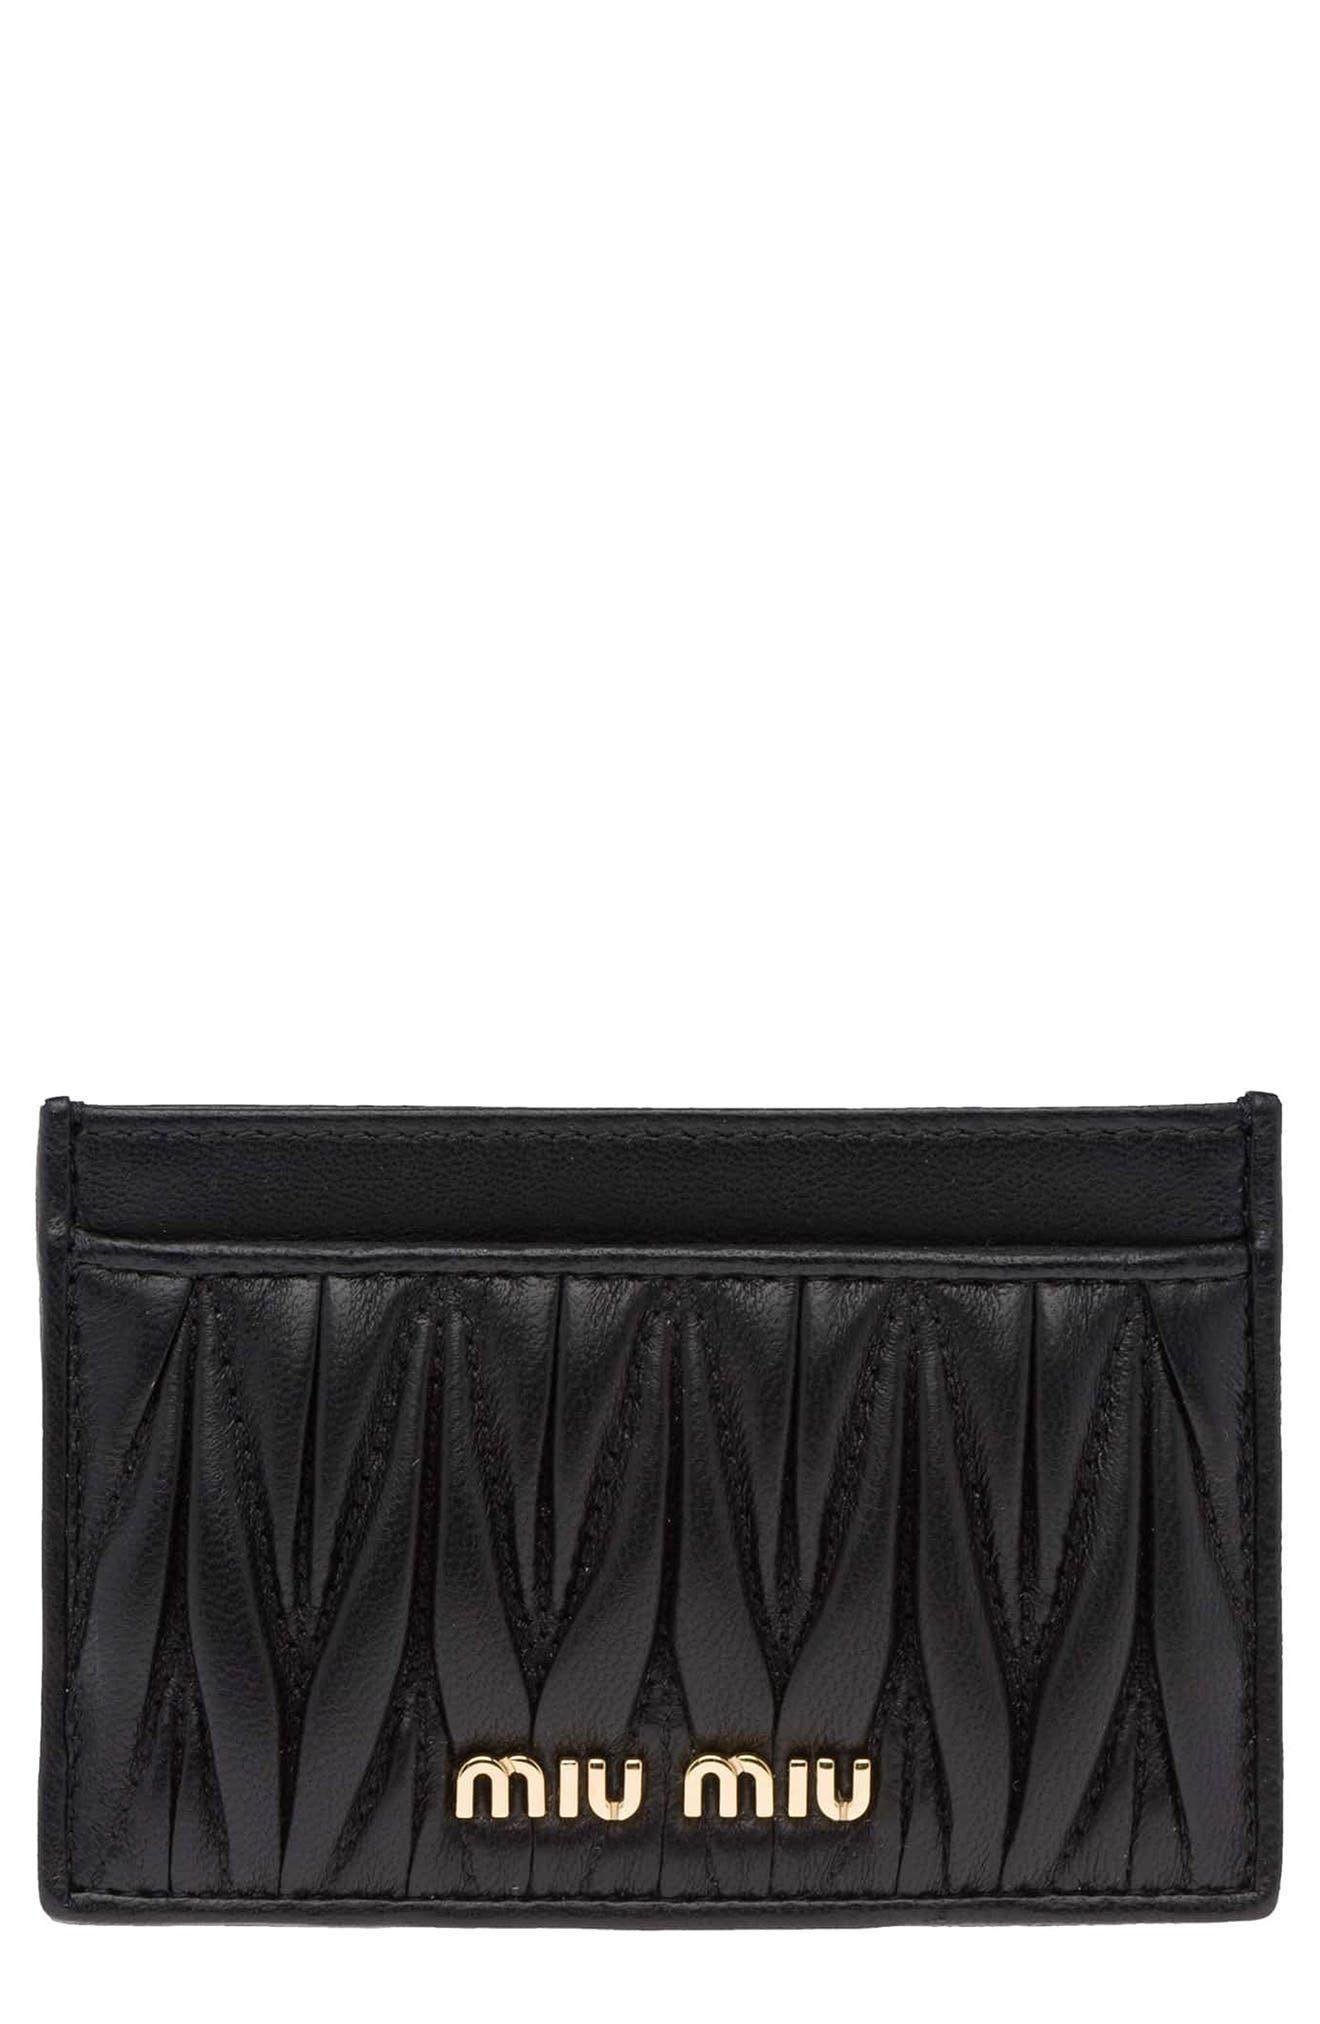 345194c708 Miu Miu Wallets & Card Cases for Women | Nordstrom